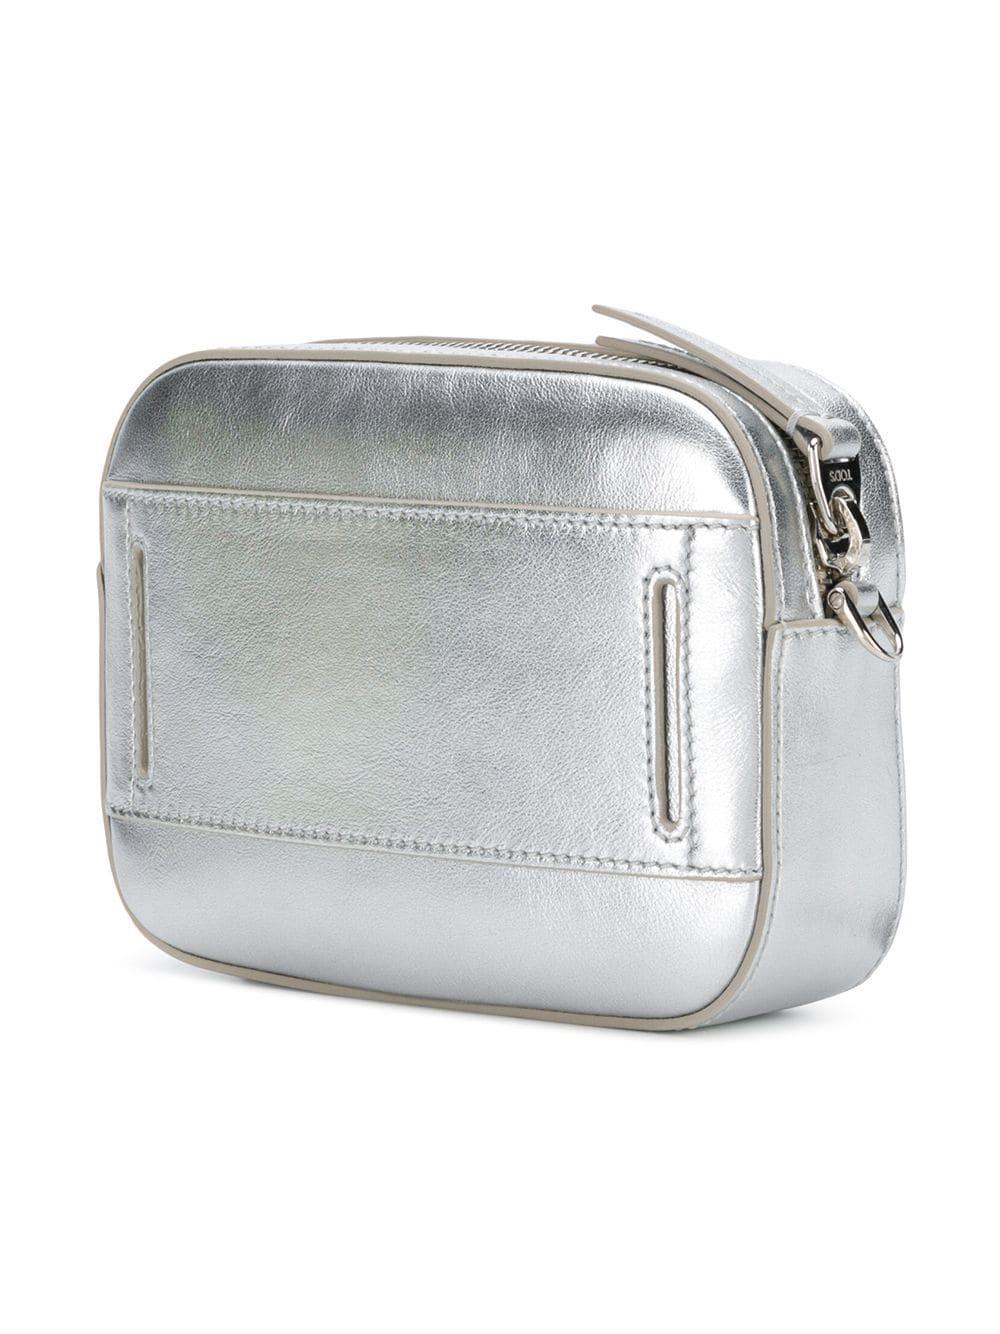 e296ea00df Tod S Metallic Belt Bag in Metallic - Save 18.032786885245898% - Lyst